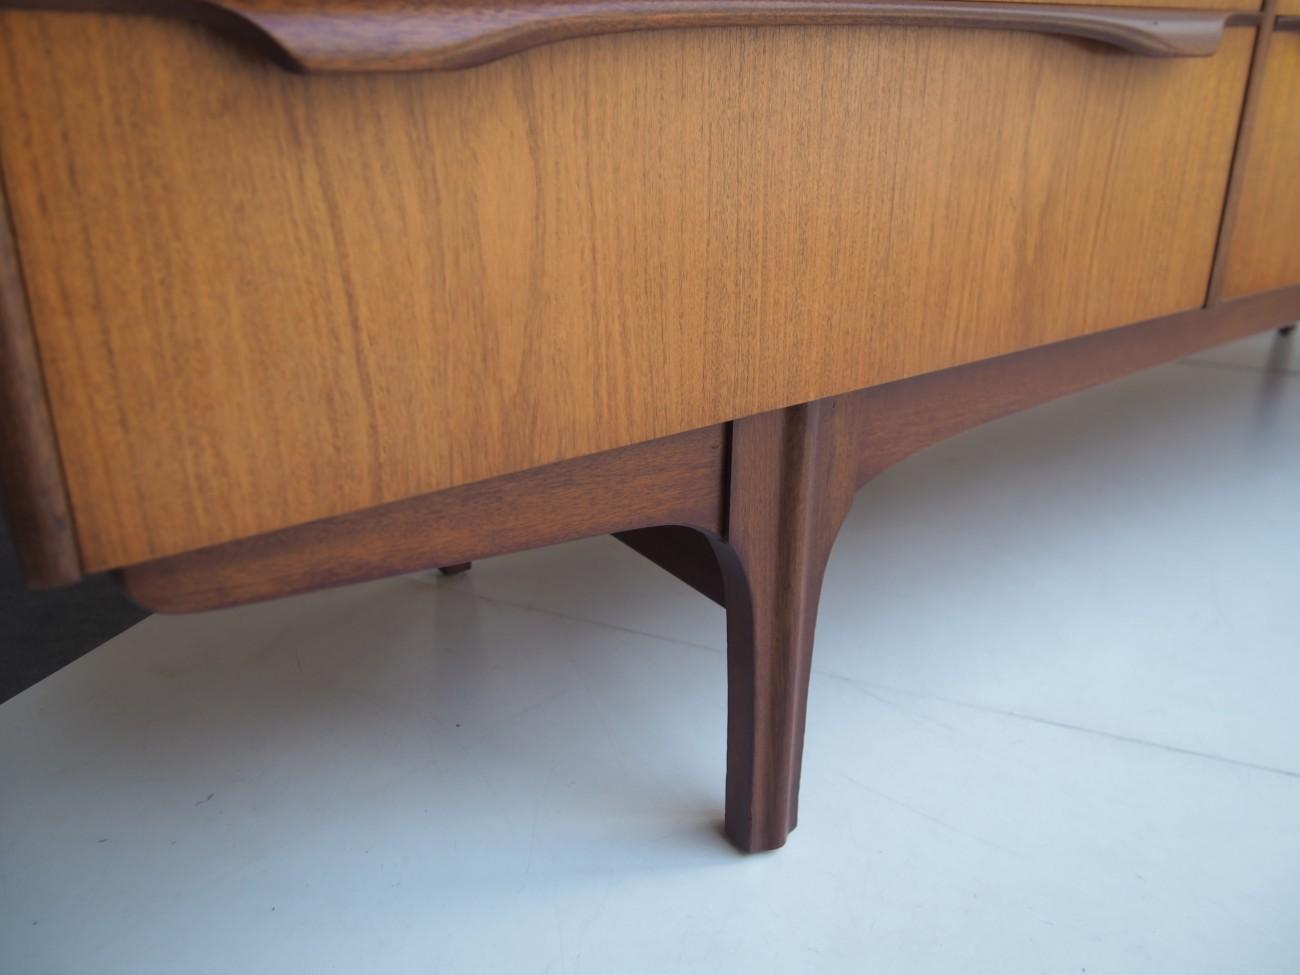 イギリスSutcliffe S- Form サイドボード ビンテージ ヨーロッパ家具